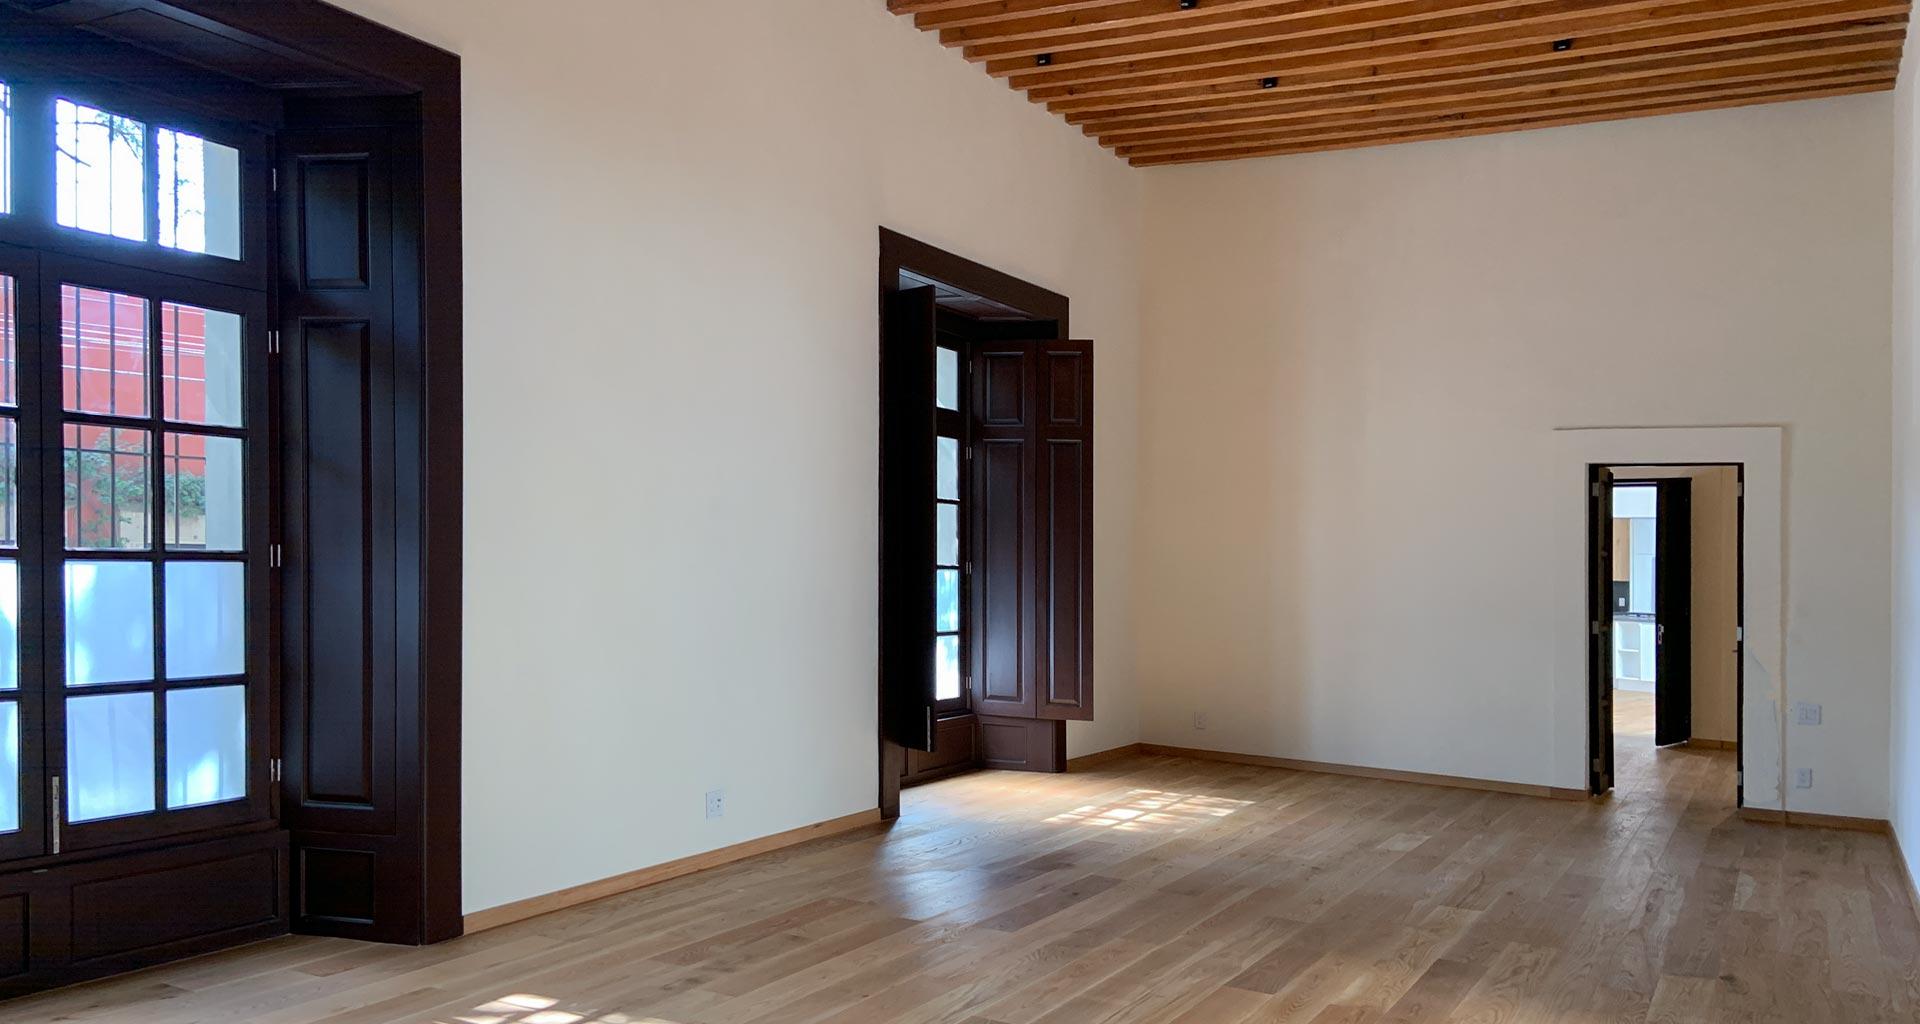 Mexihom 105 Francisco Sosa 15 residencias en el corazón de Coyoacán